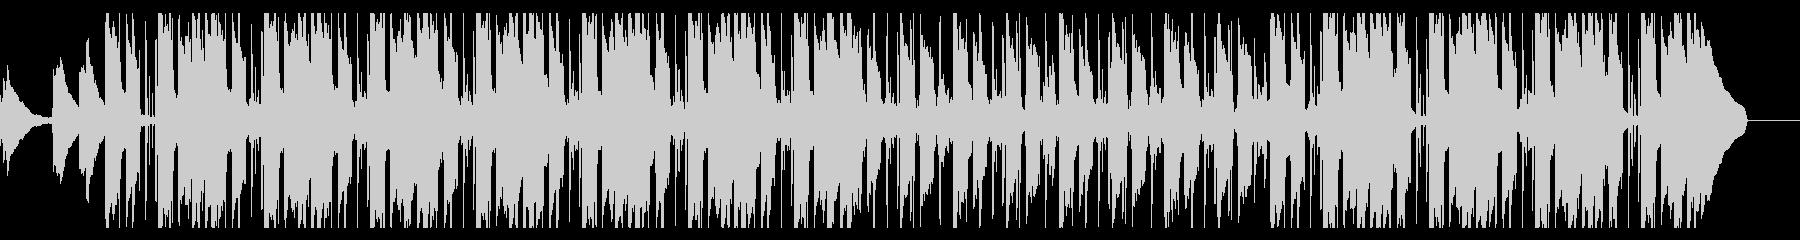 【LoFi hiphop】 チルピアノの未再生の波形